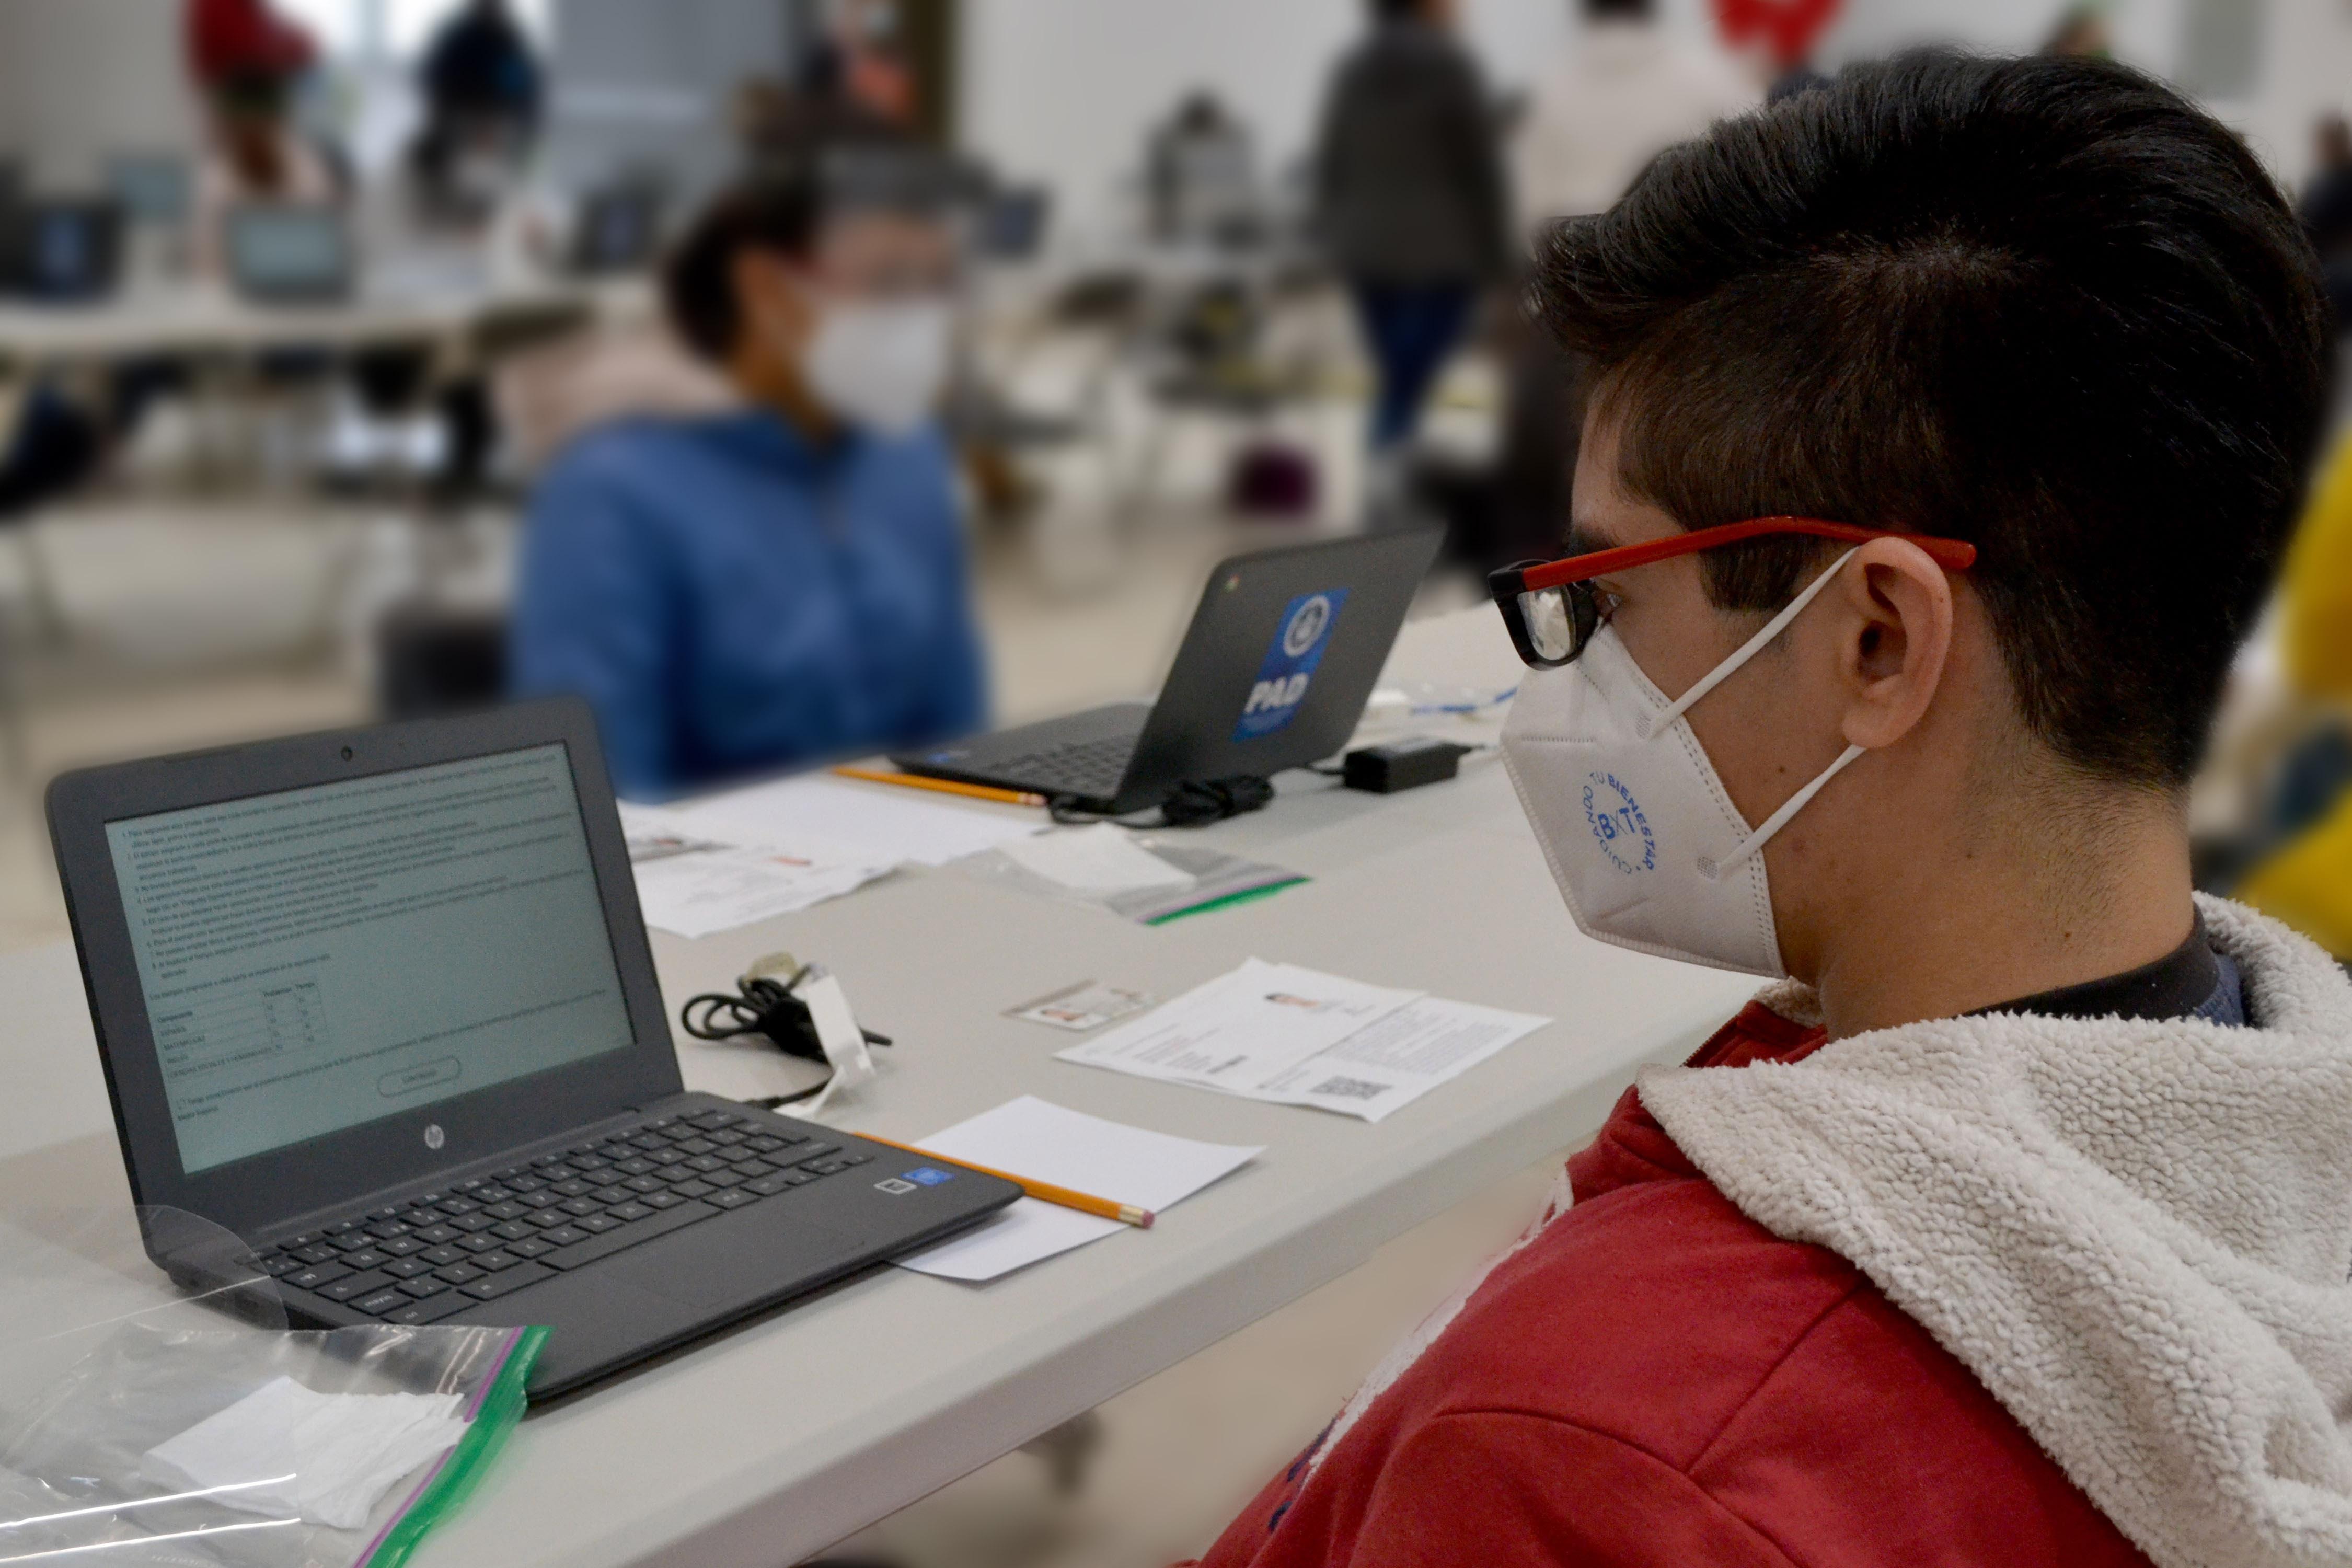 Inicia BUAP recepción de documentos para alumnos de nuevo ingreso del nivel superior | Boletines BUAP